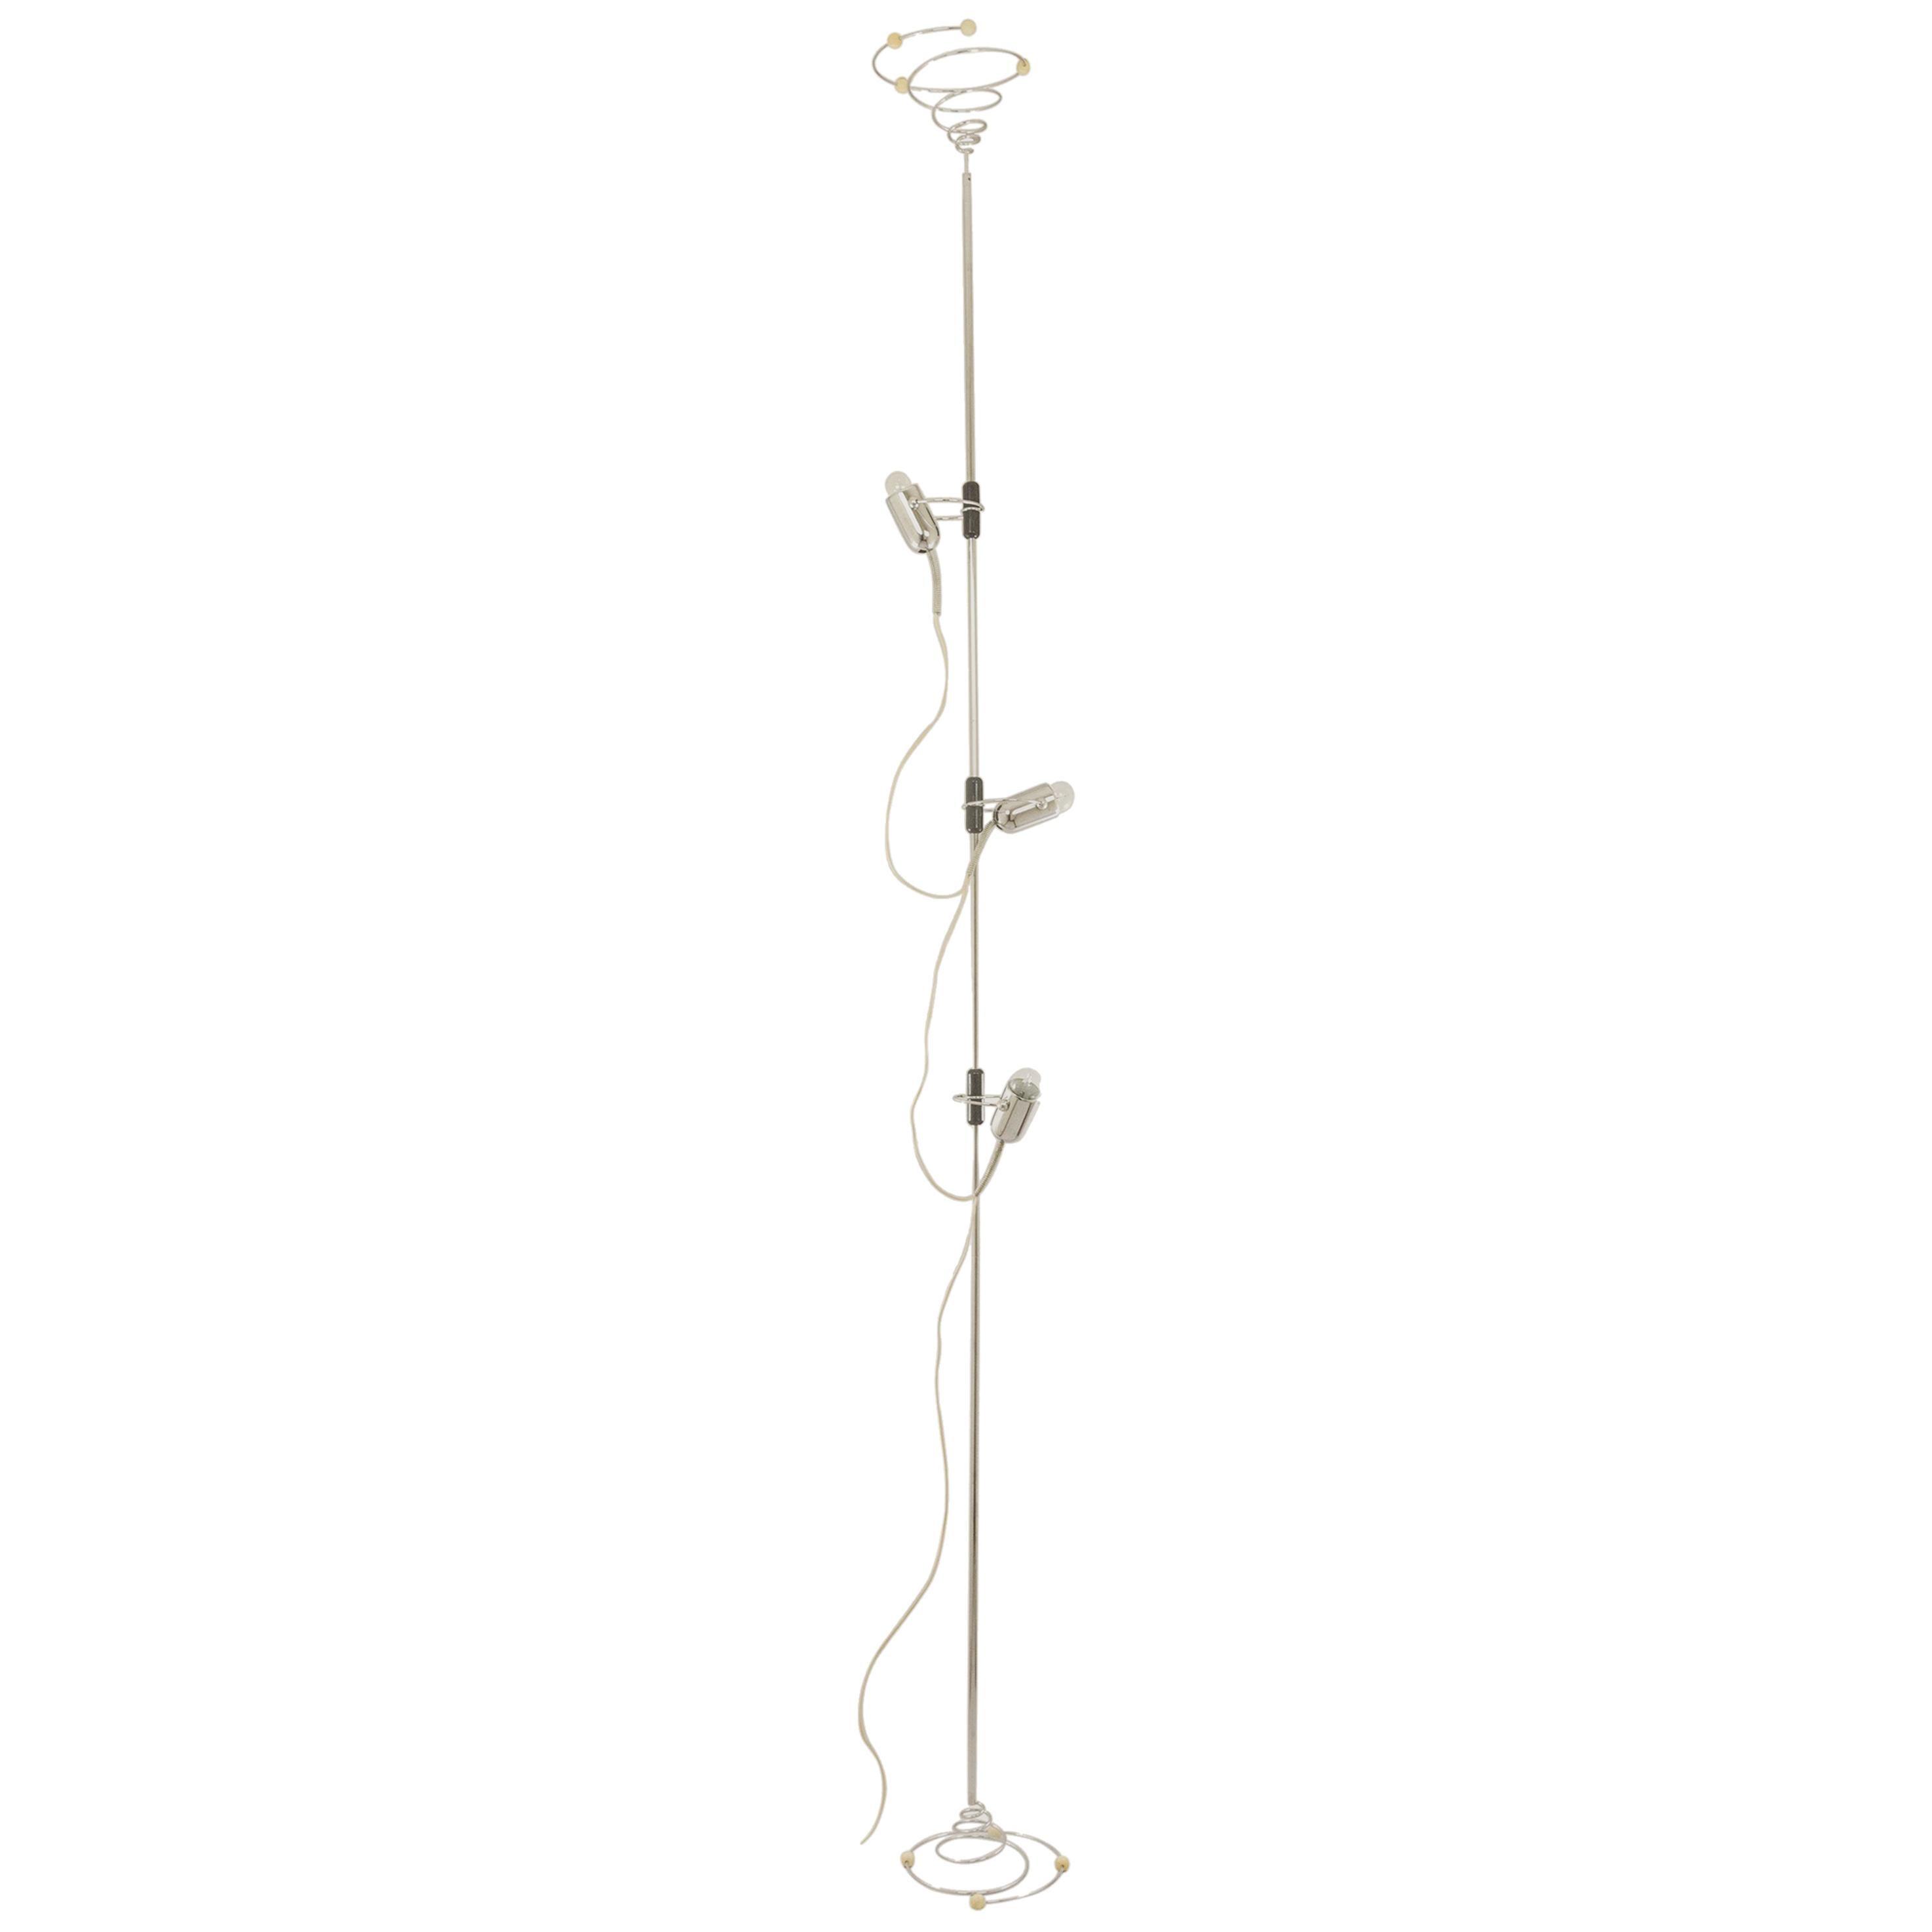 Chrome Floor Lamp by Francesco Fois for Reggiani, 1960s